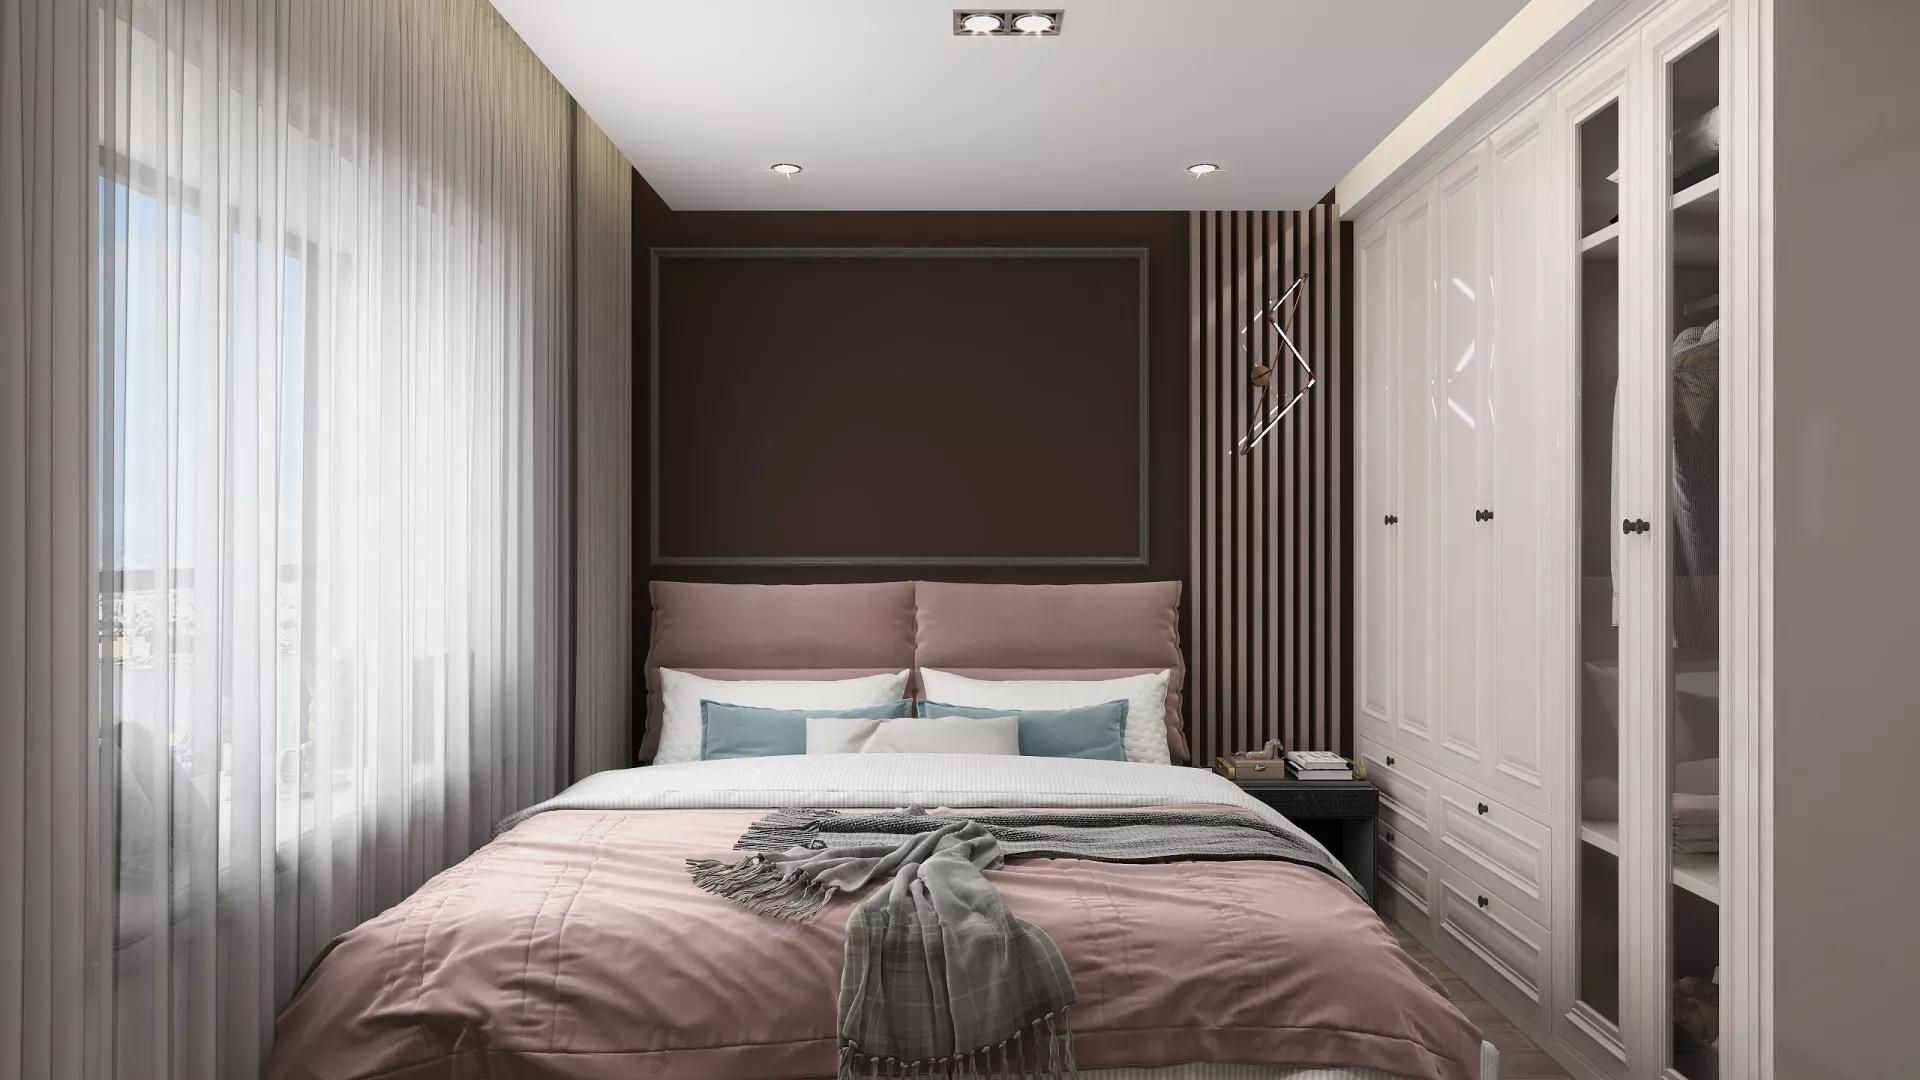 室內地暖閥門作用是什么?家居地暖閥門有什么用?